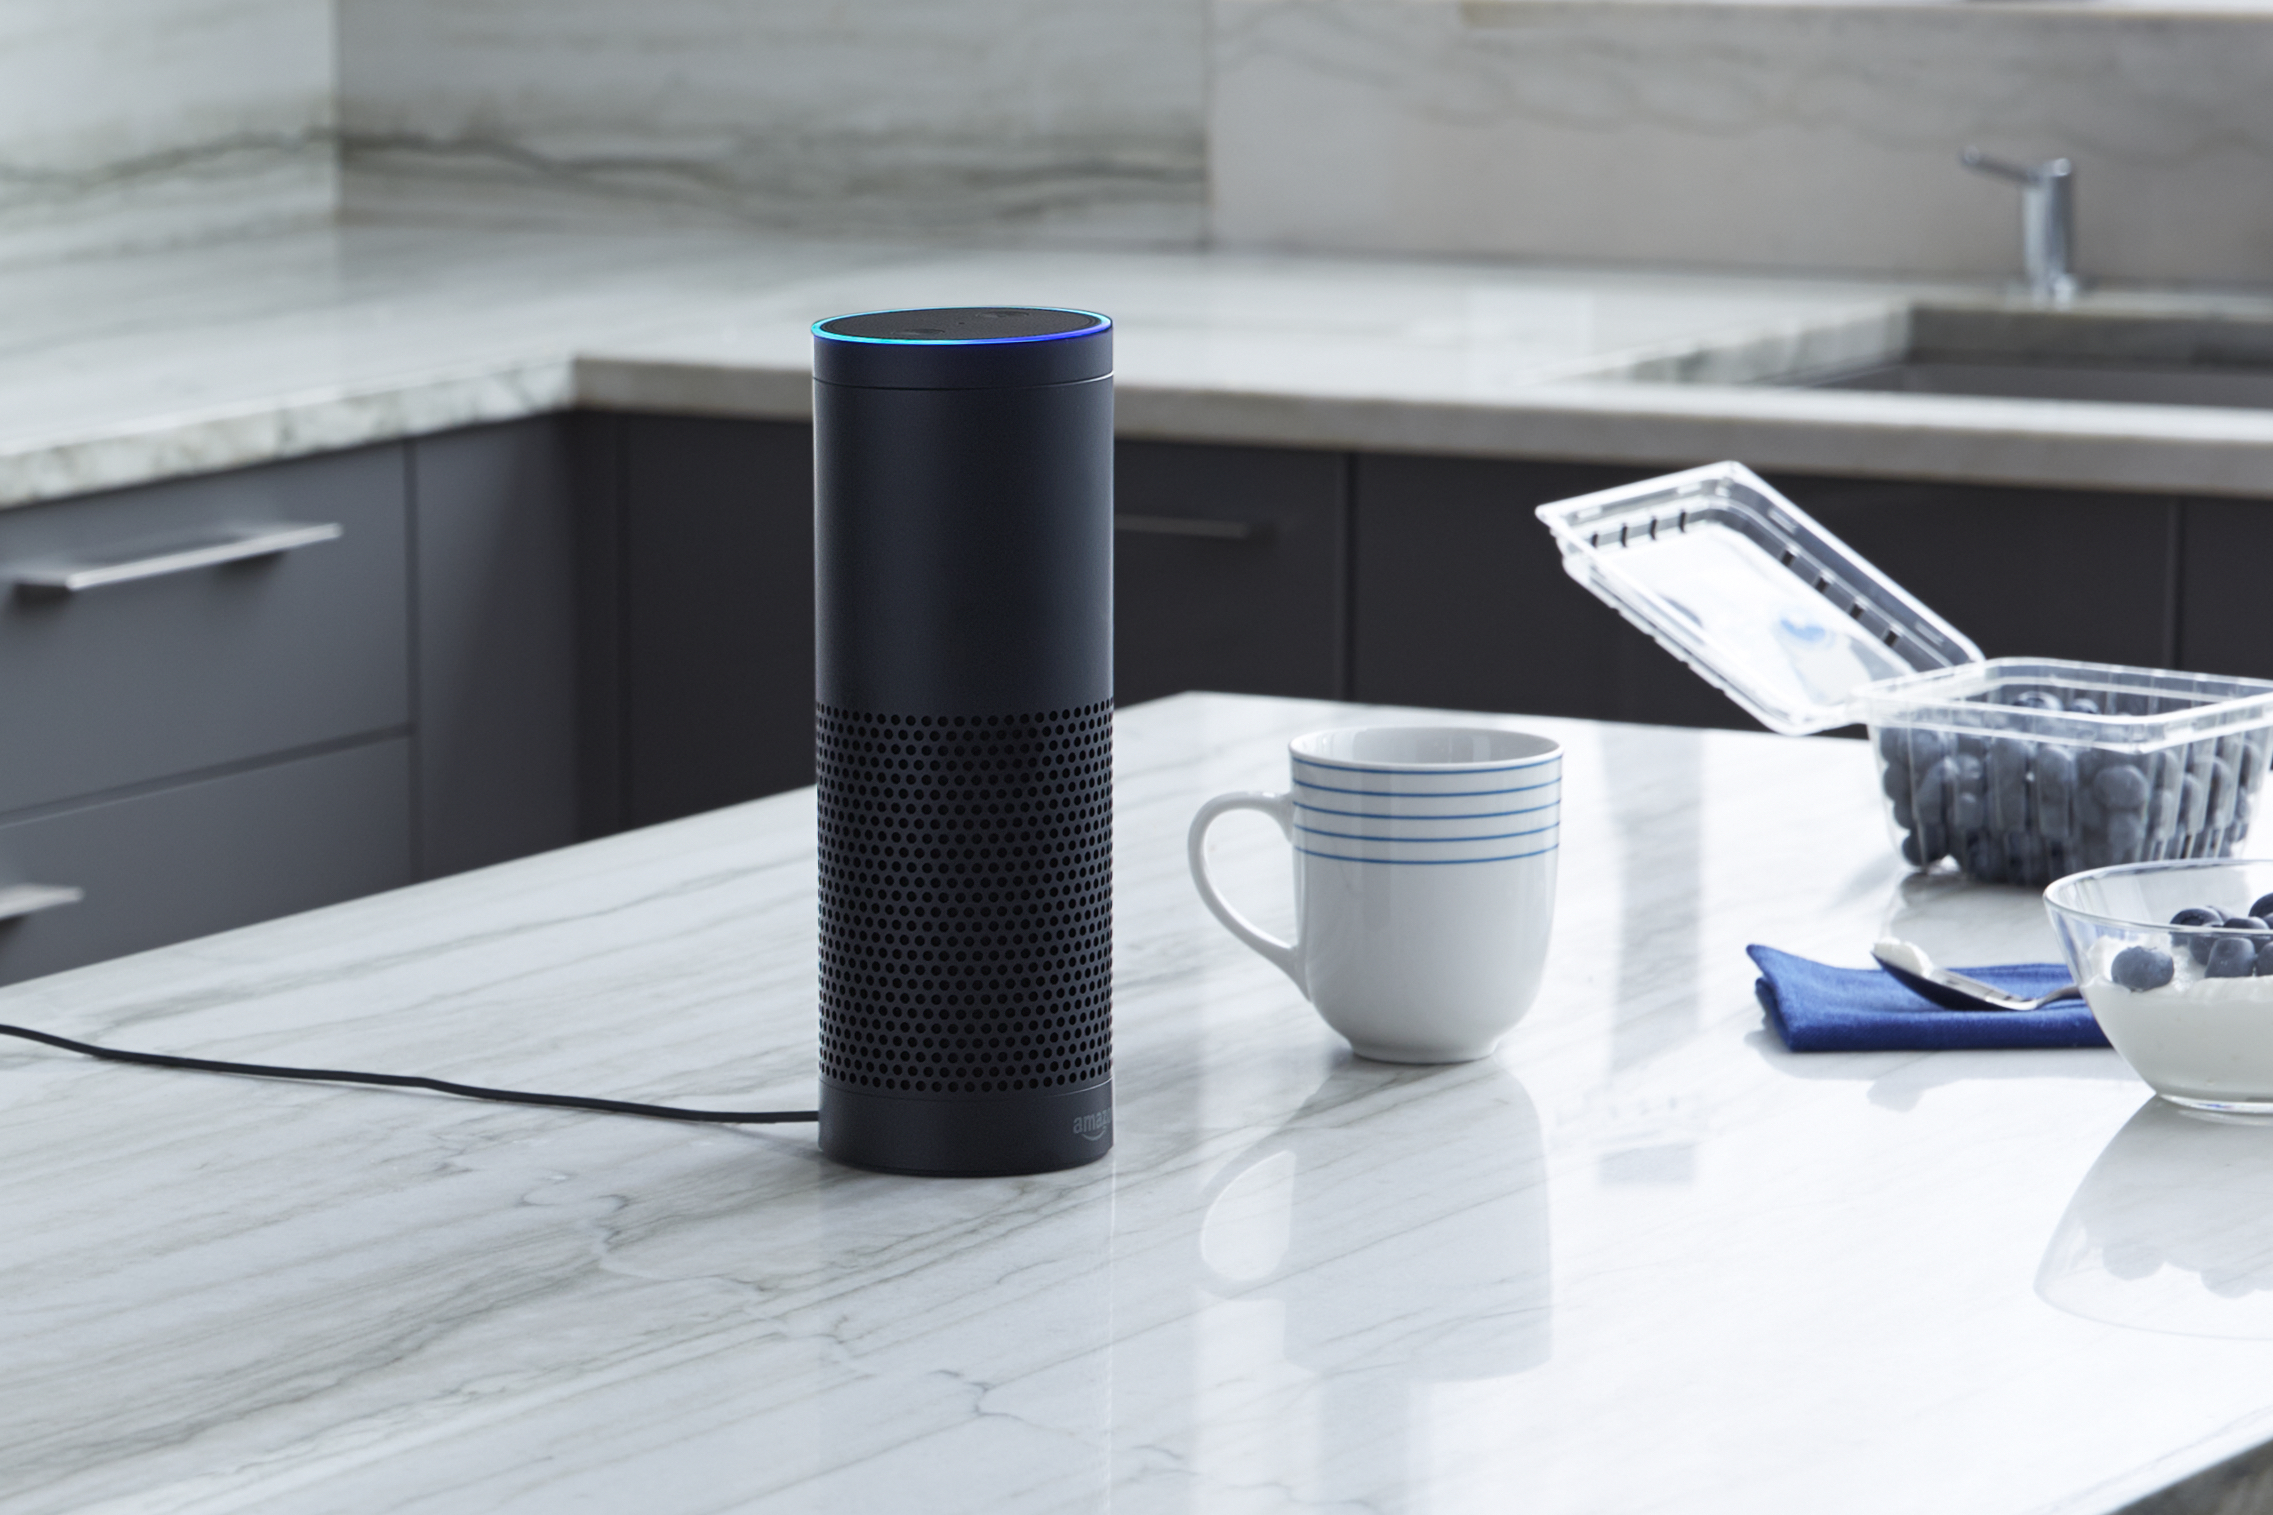 Daten aus der Assistenzwanze Amazon Echo werden für Ermittlungen genutzt